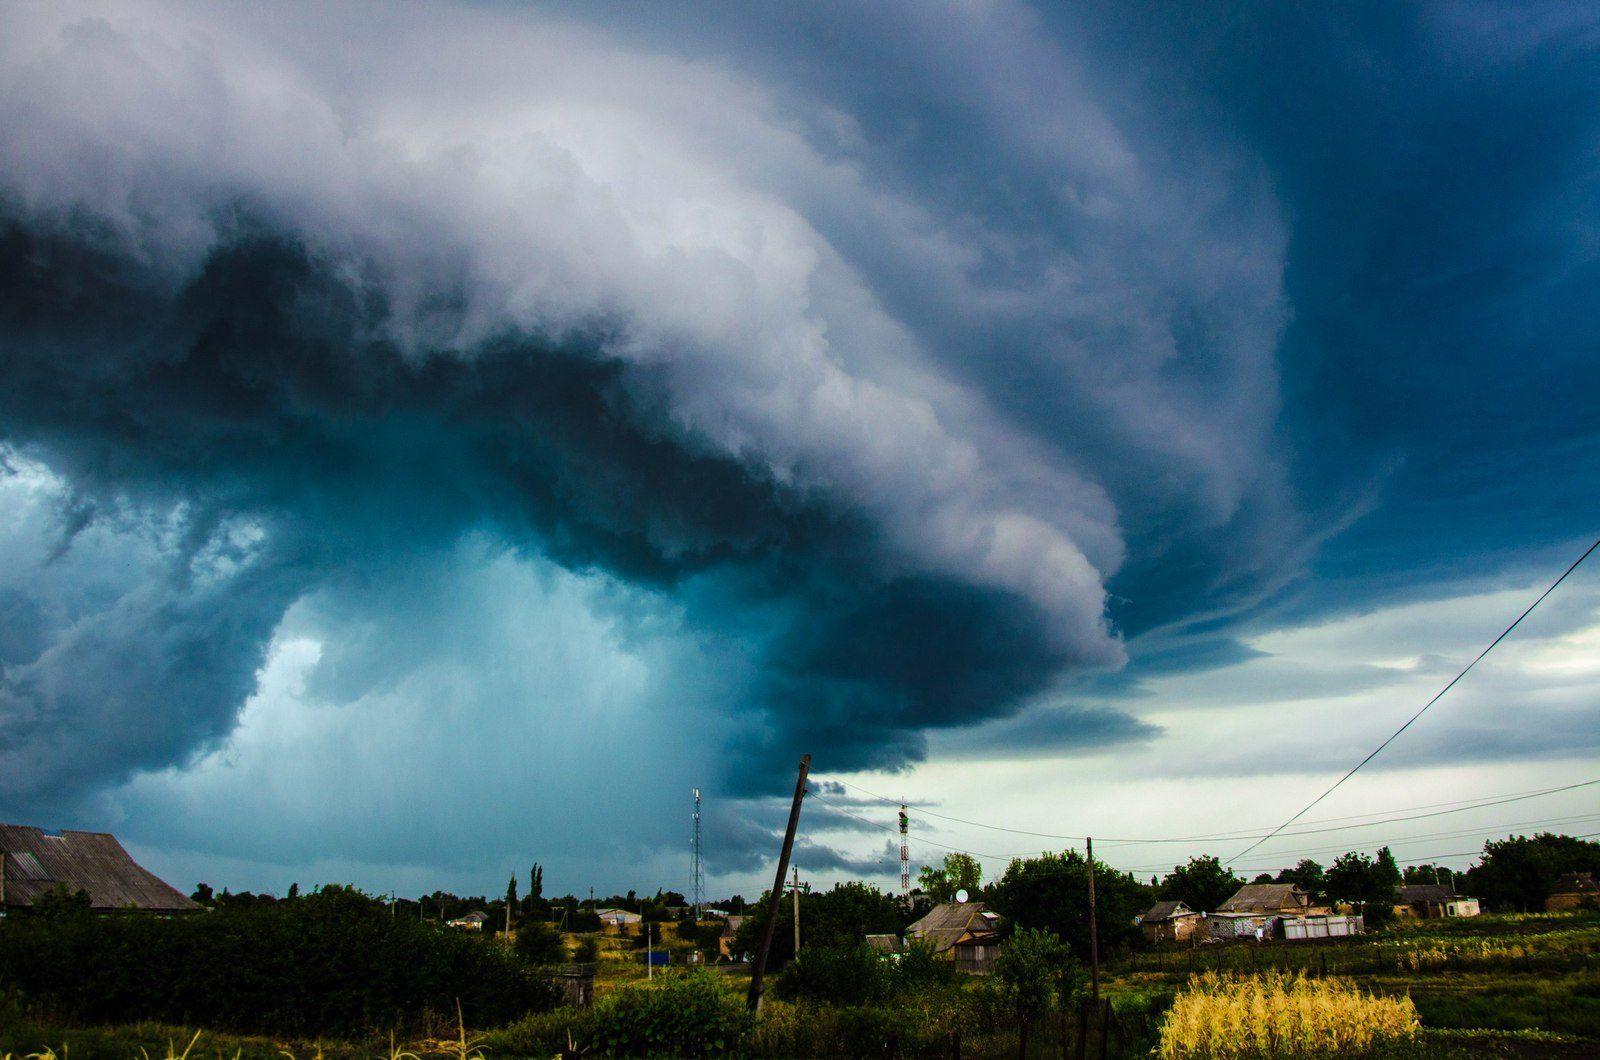 Картинка плохой погоды